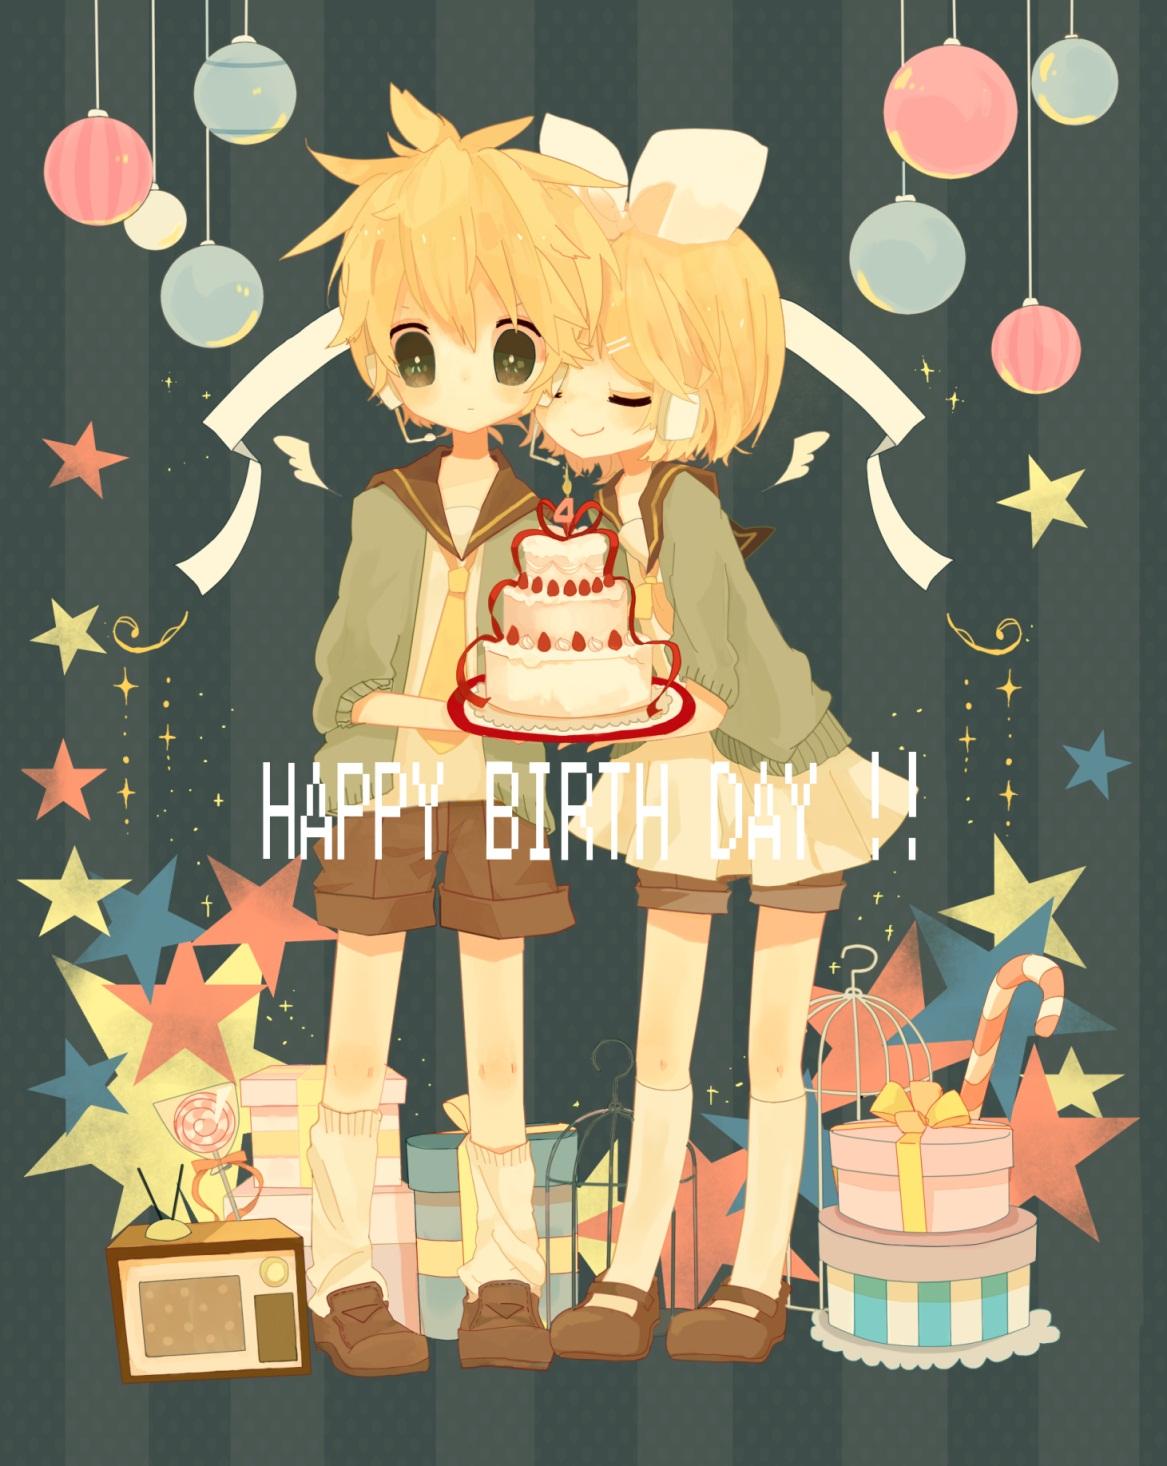 Аниме поздравления с днем рождения картинки